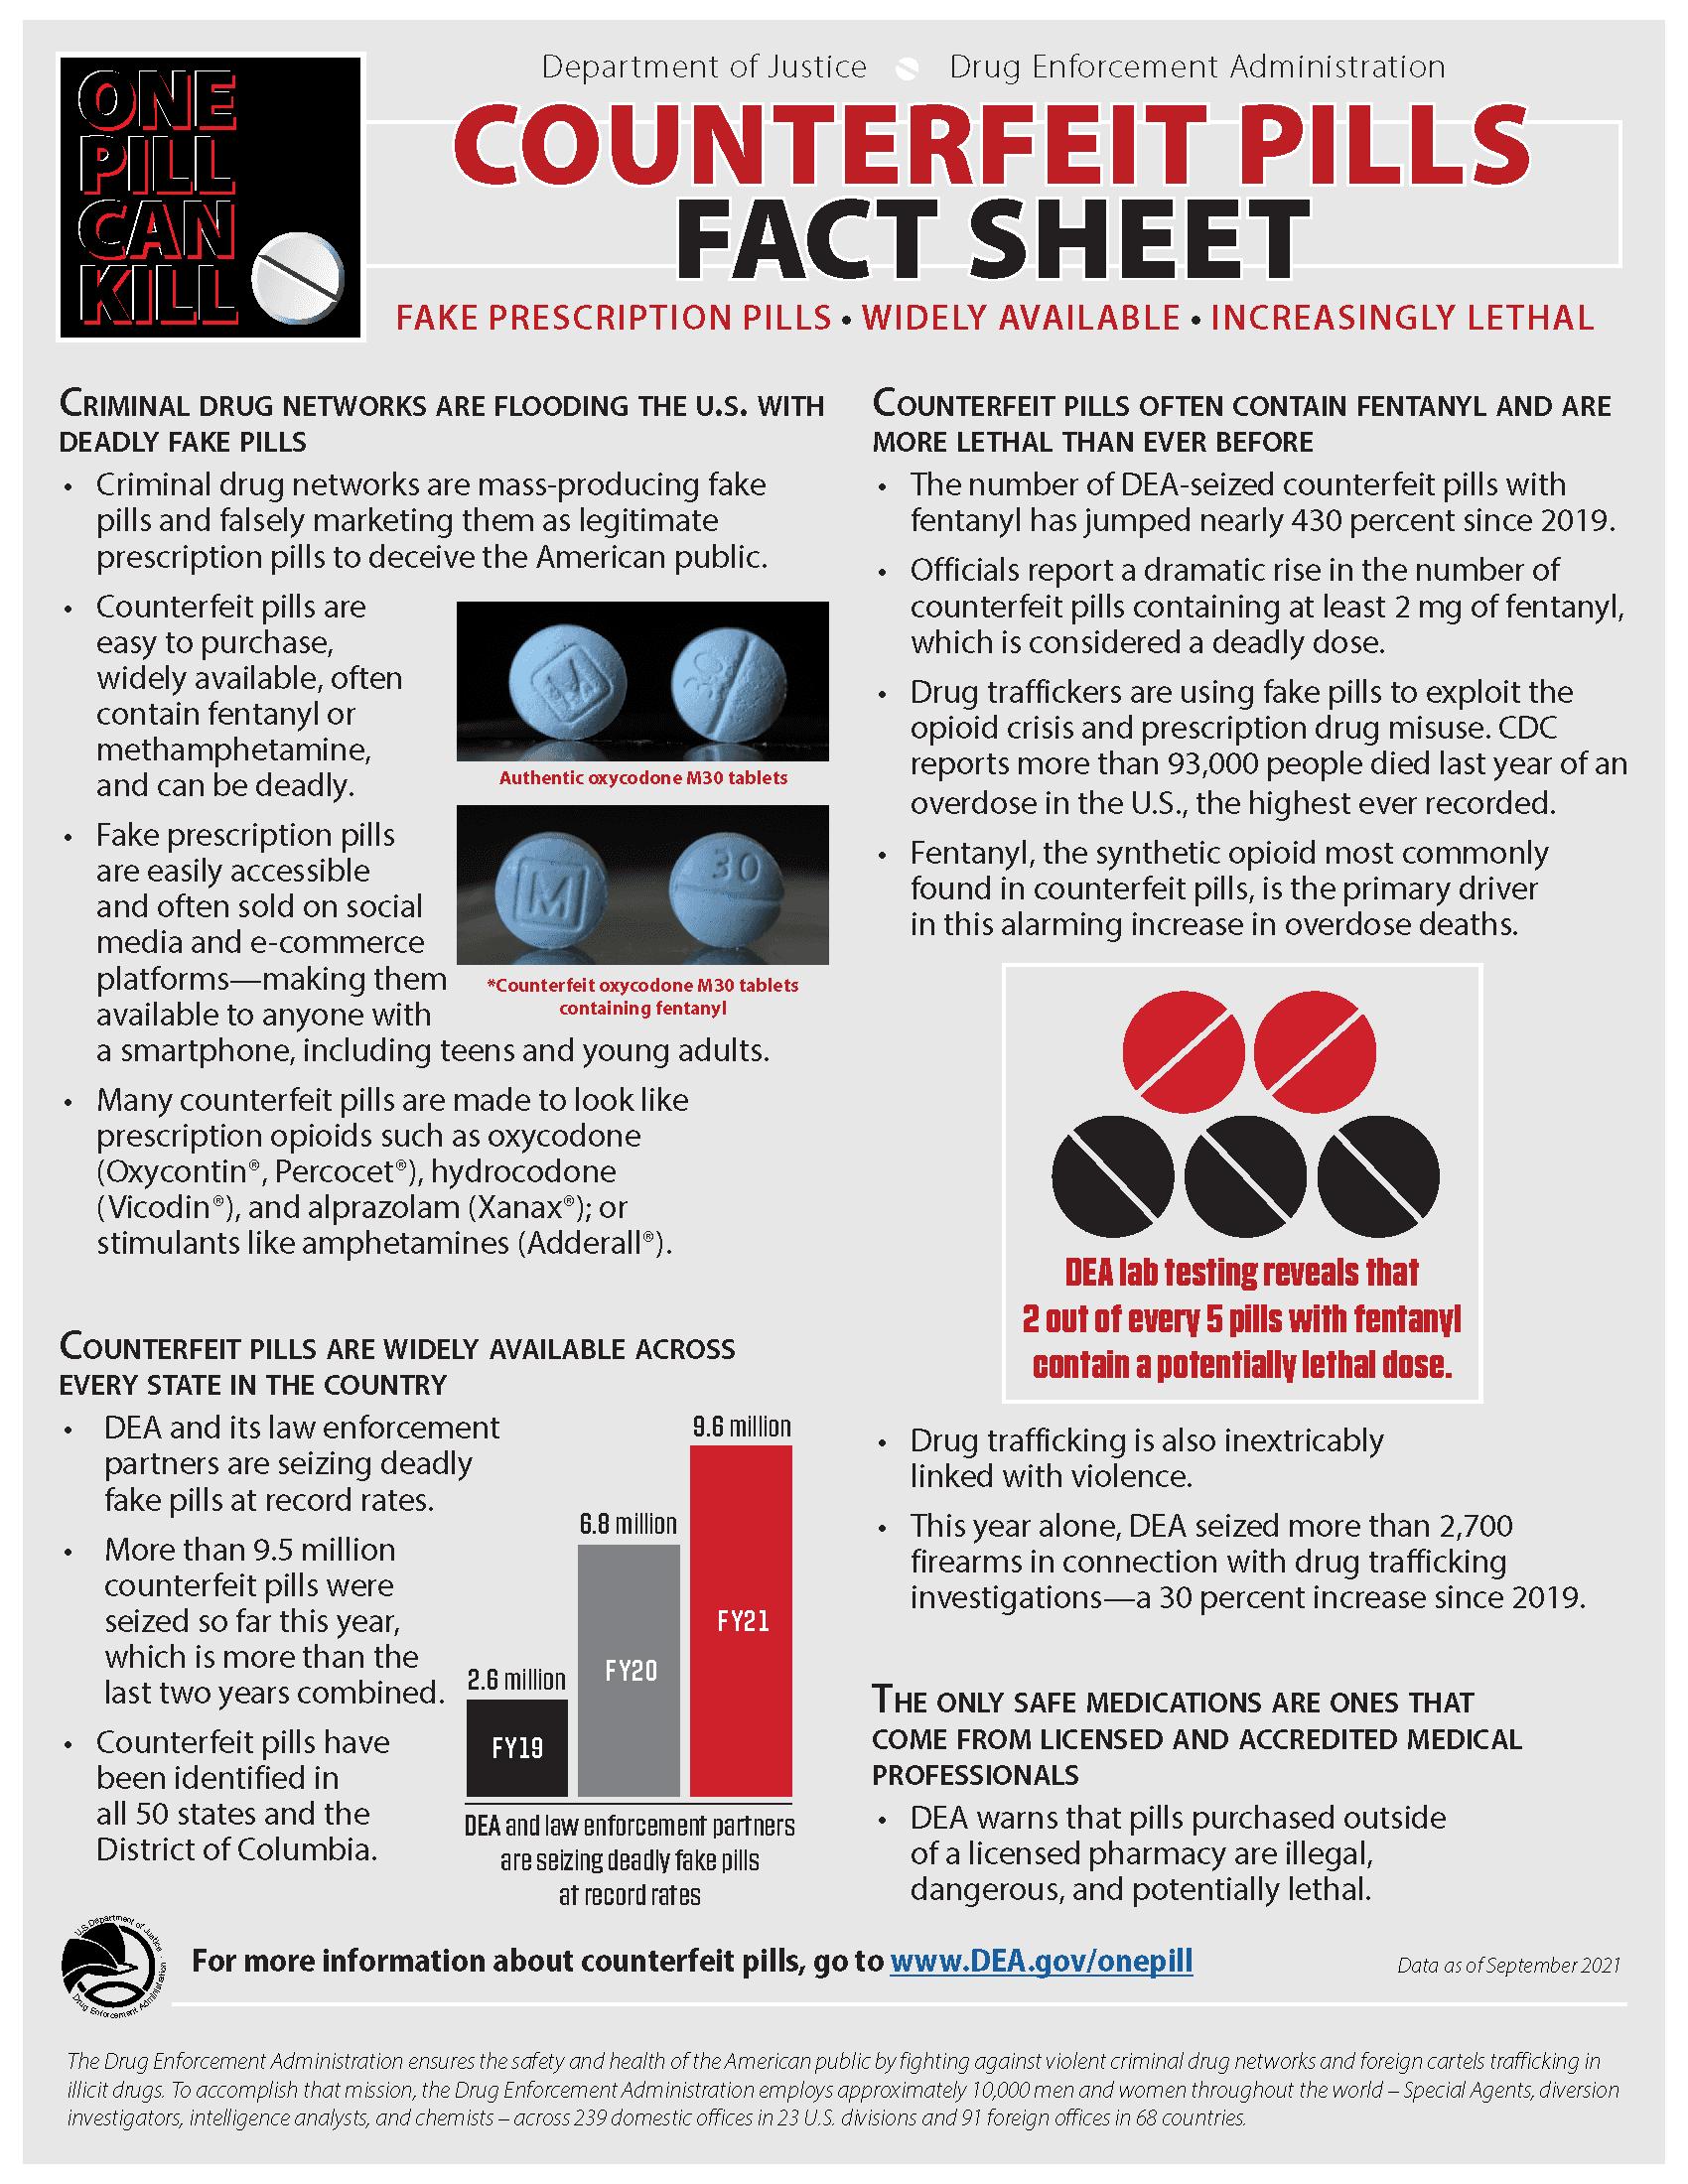 DEA counterfeit pills fact sheet